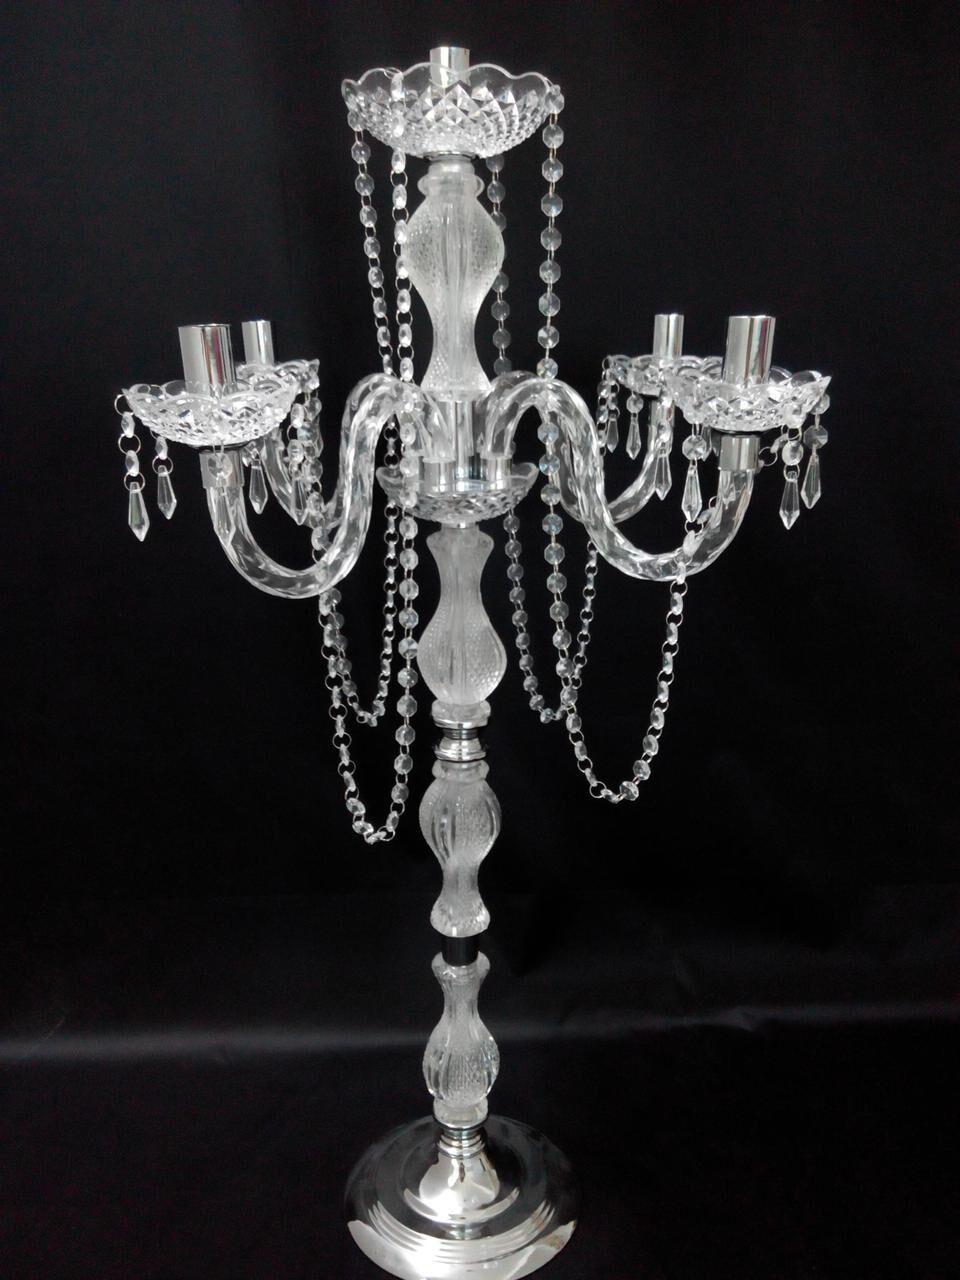 Yeni varış 90 cm yükseklik Akrilik 5-arms metal kristal kolye düğün mumluk ile metal şamdanlar 1 adet = 10 parça